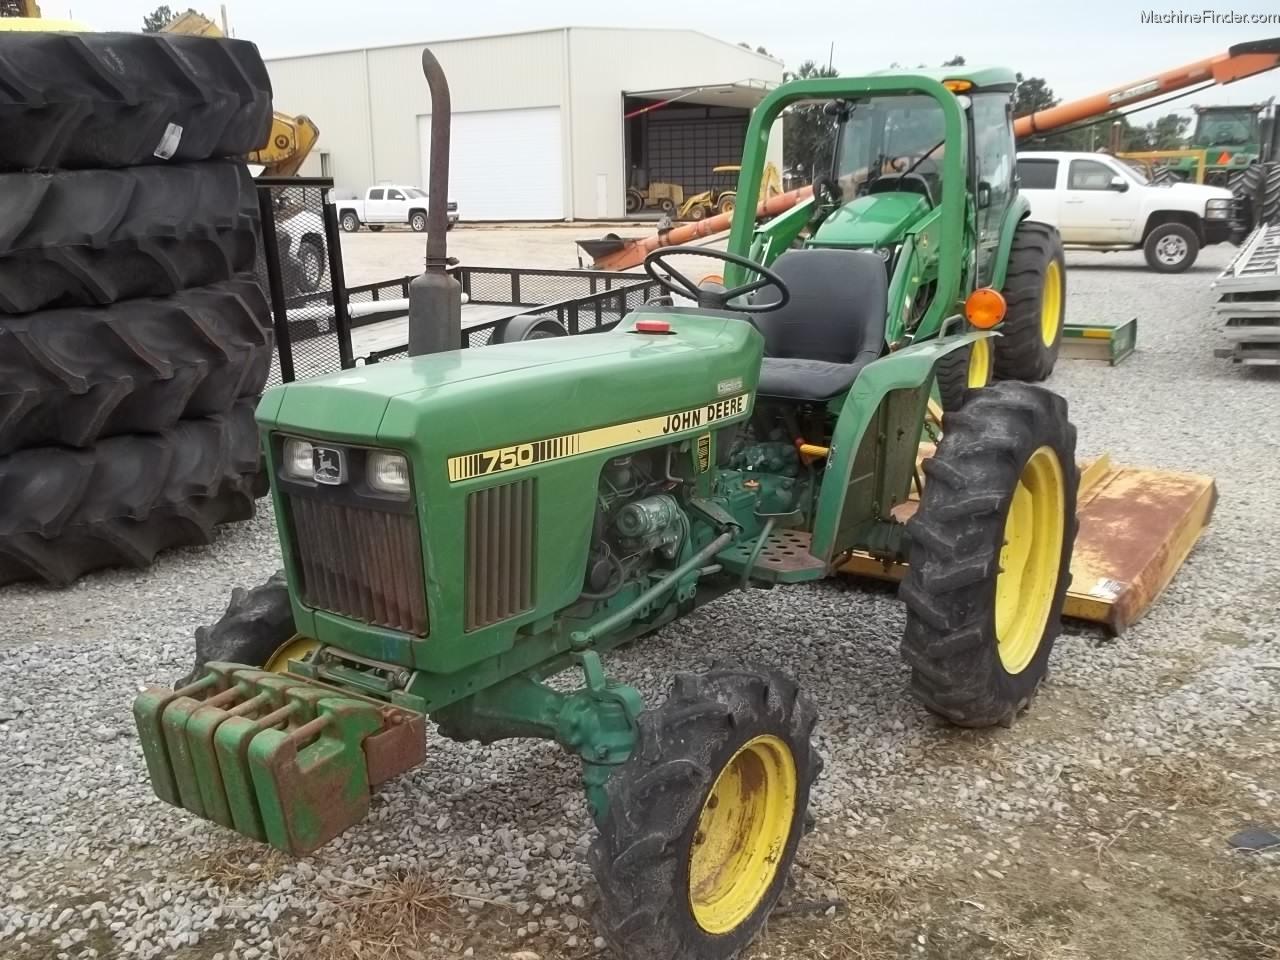 John Deere 750 Tractors - Compact (1-40hp.) - John Deere ...